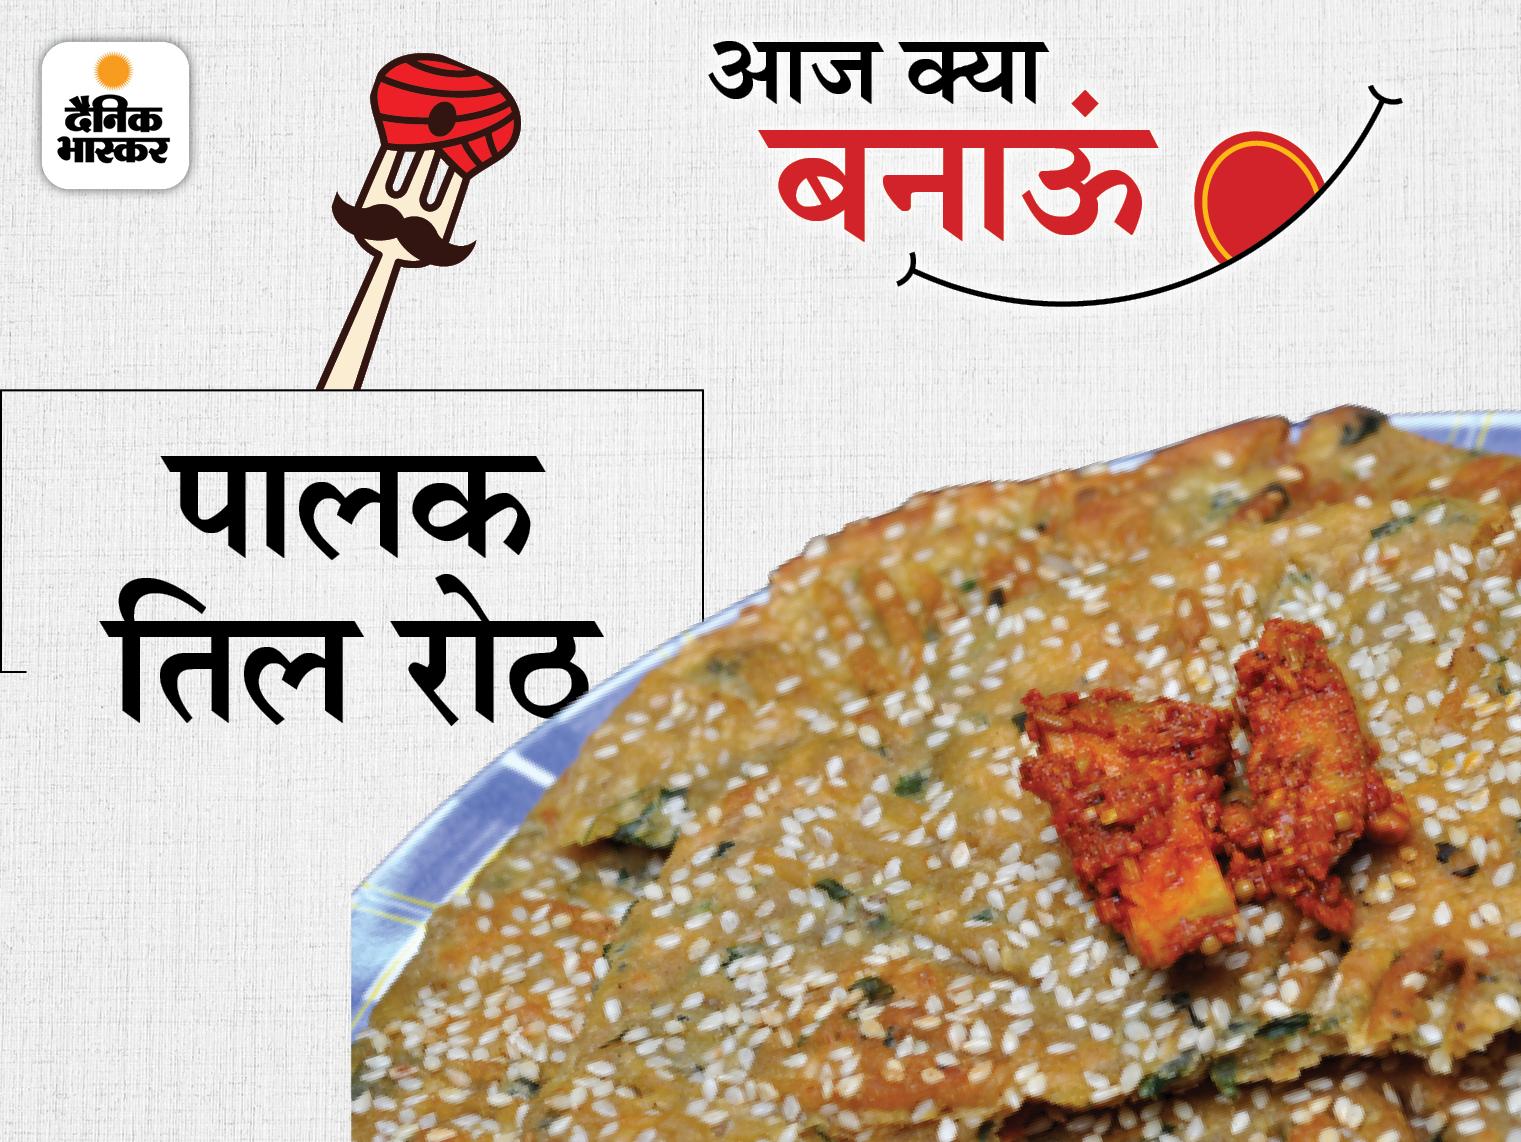 पालक तिल रोठ बनाने का आसान तरीका, बच्चे भी करेंगे इसे बार-बार खाने की फरमाइश|लाइफस्टाइल,Lifestyle - Dainik Bhaskar